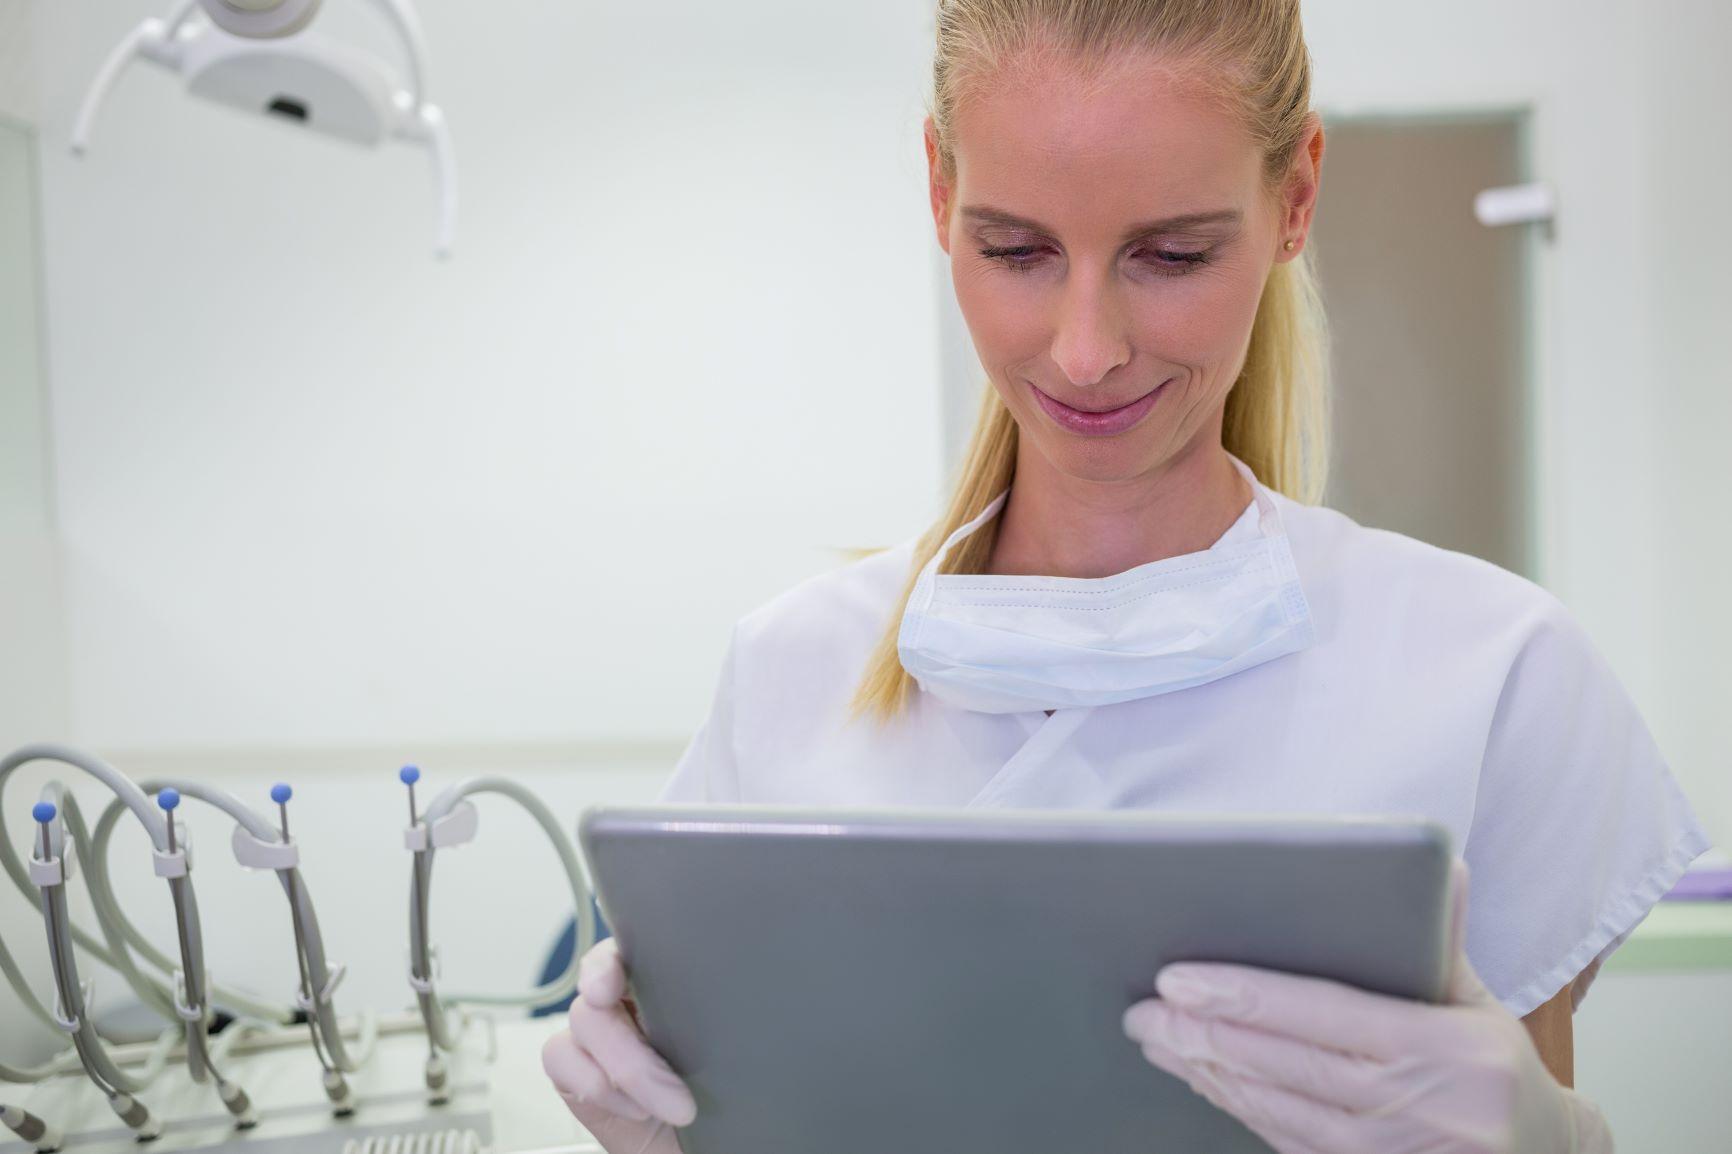 dentista olhando um tablet